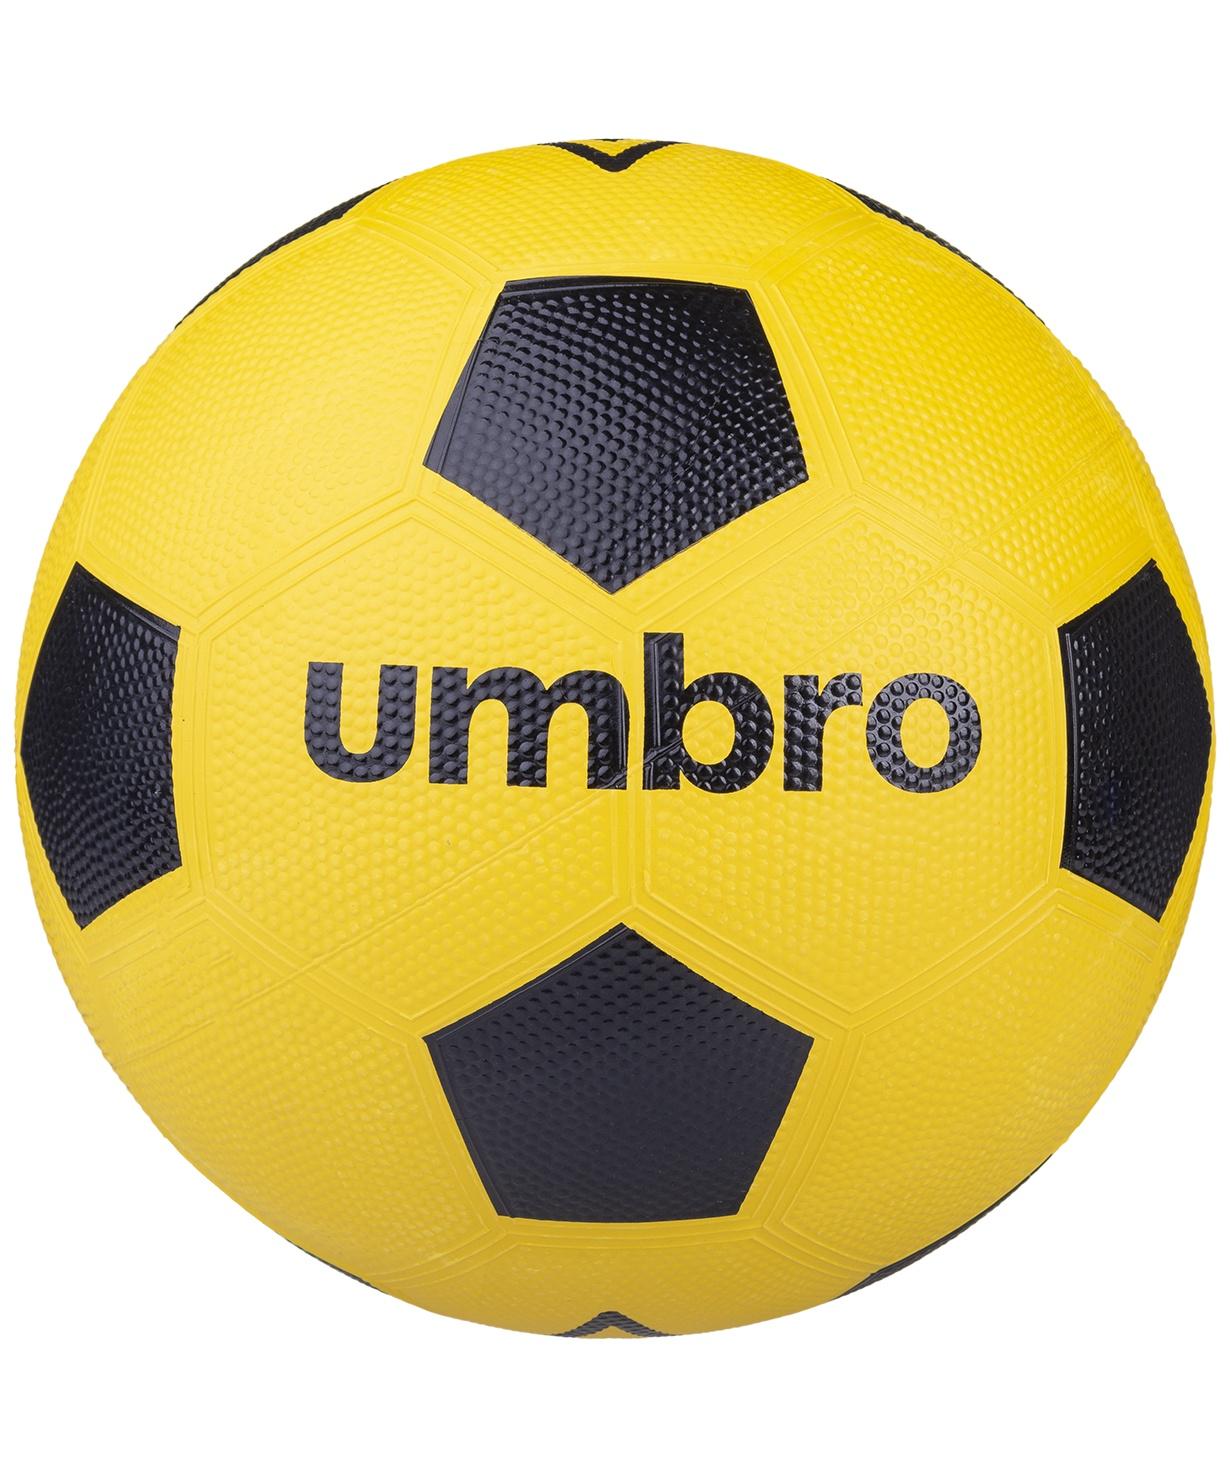 Мяч футбольный Umbro Urban 20628U, Размер 5, жел/чер/белый (5) все цены